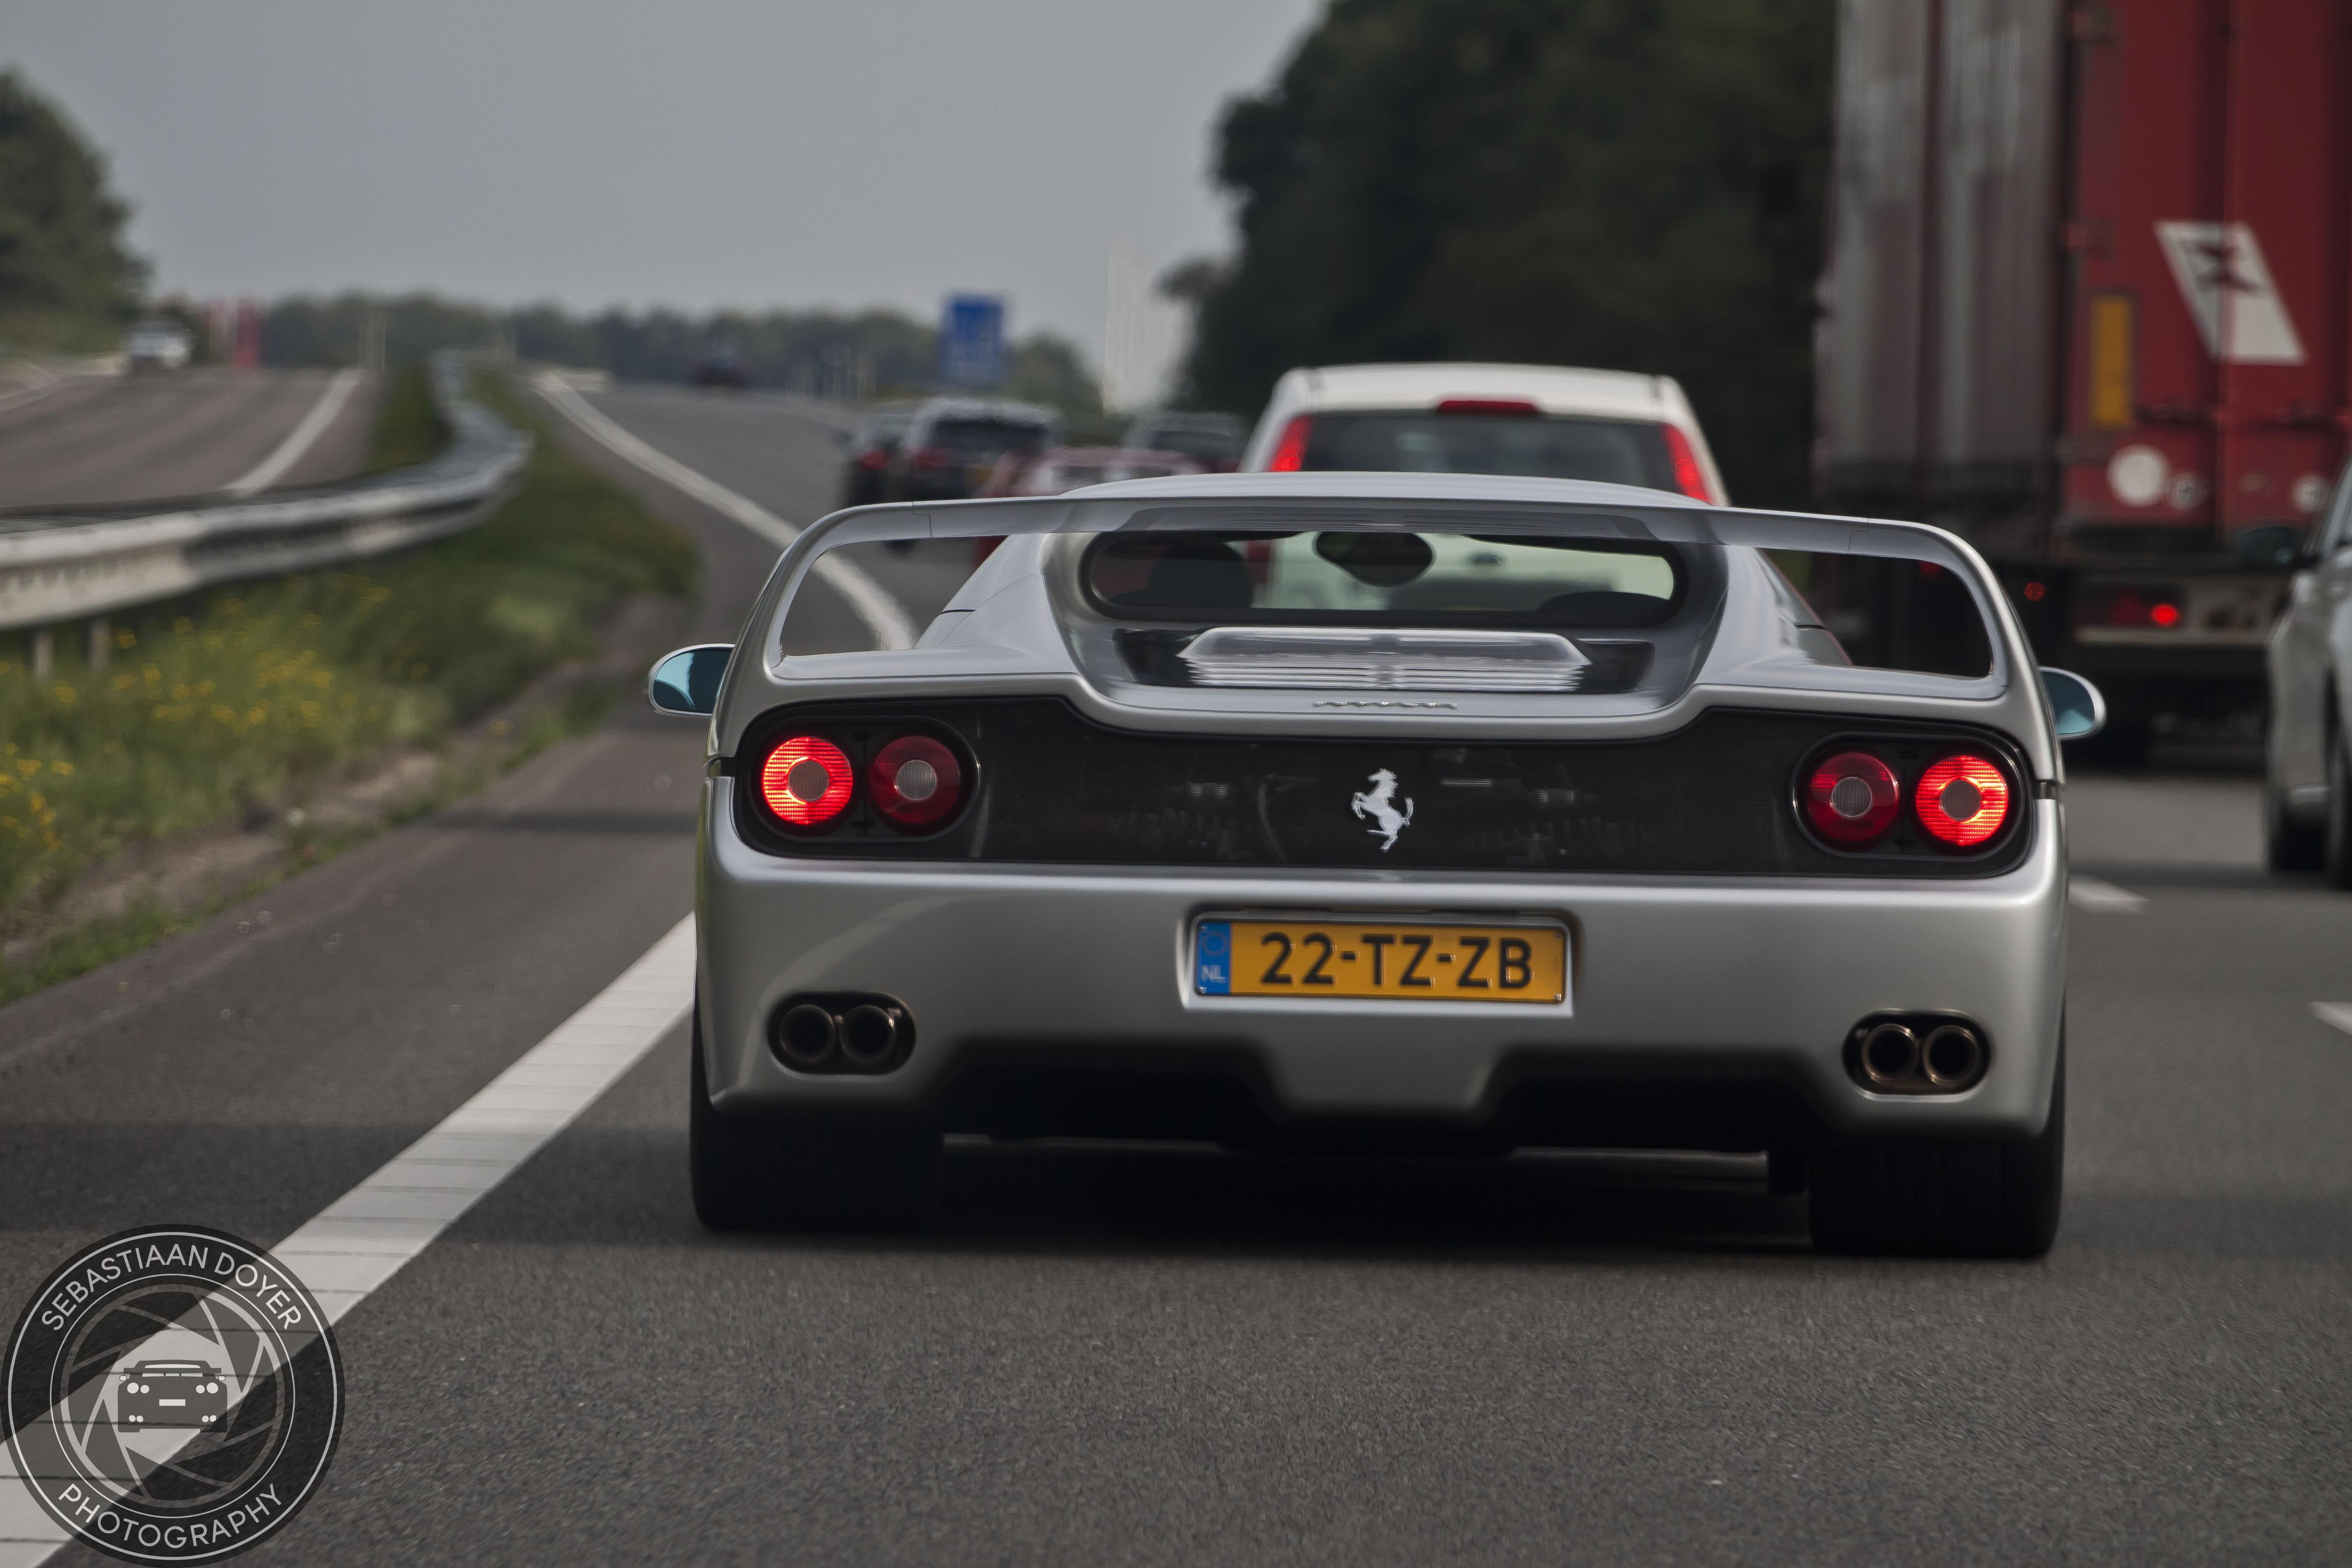 Ferrari F50 Op Nederlands Kenteken Gespot Hartvoorautos Nl